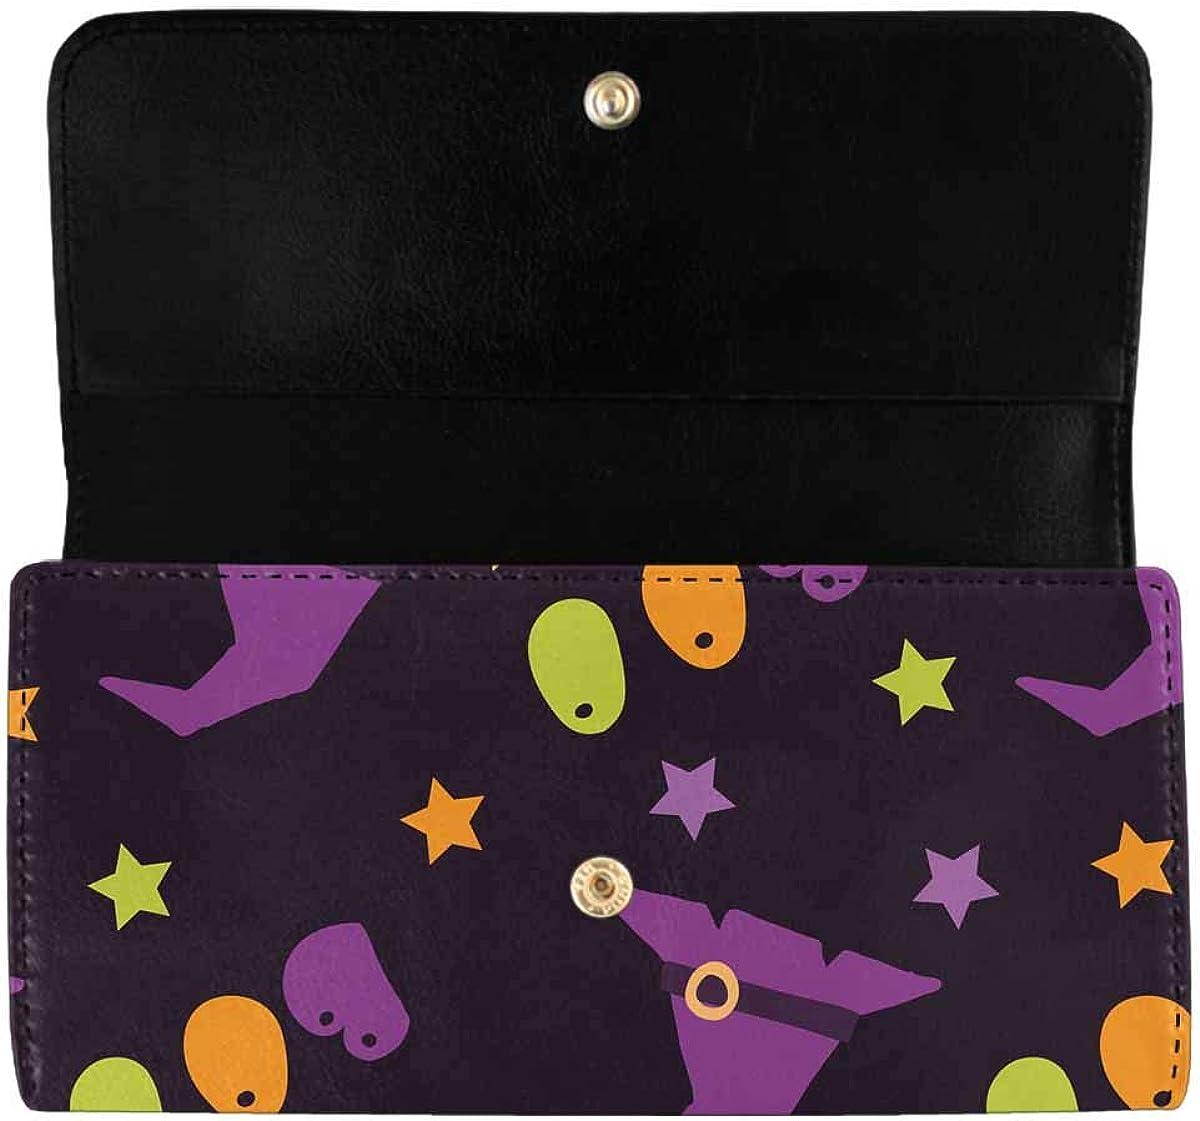 INTERESTPRINT Women's Trifold Clutch Card Holder Halloween Candy Pumpkins Witches Ghosts Purses Wallet Handbags